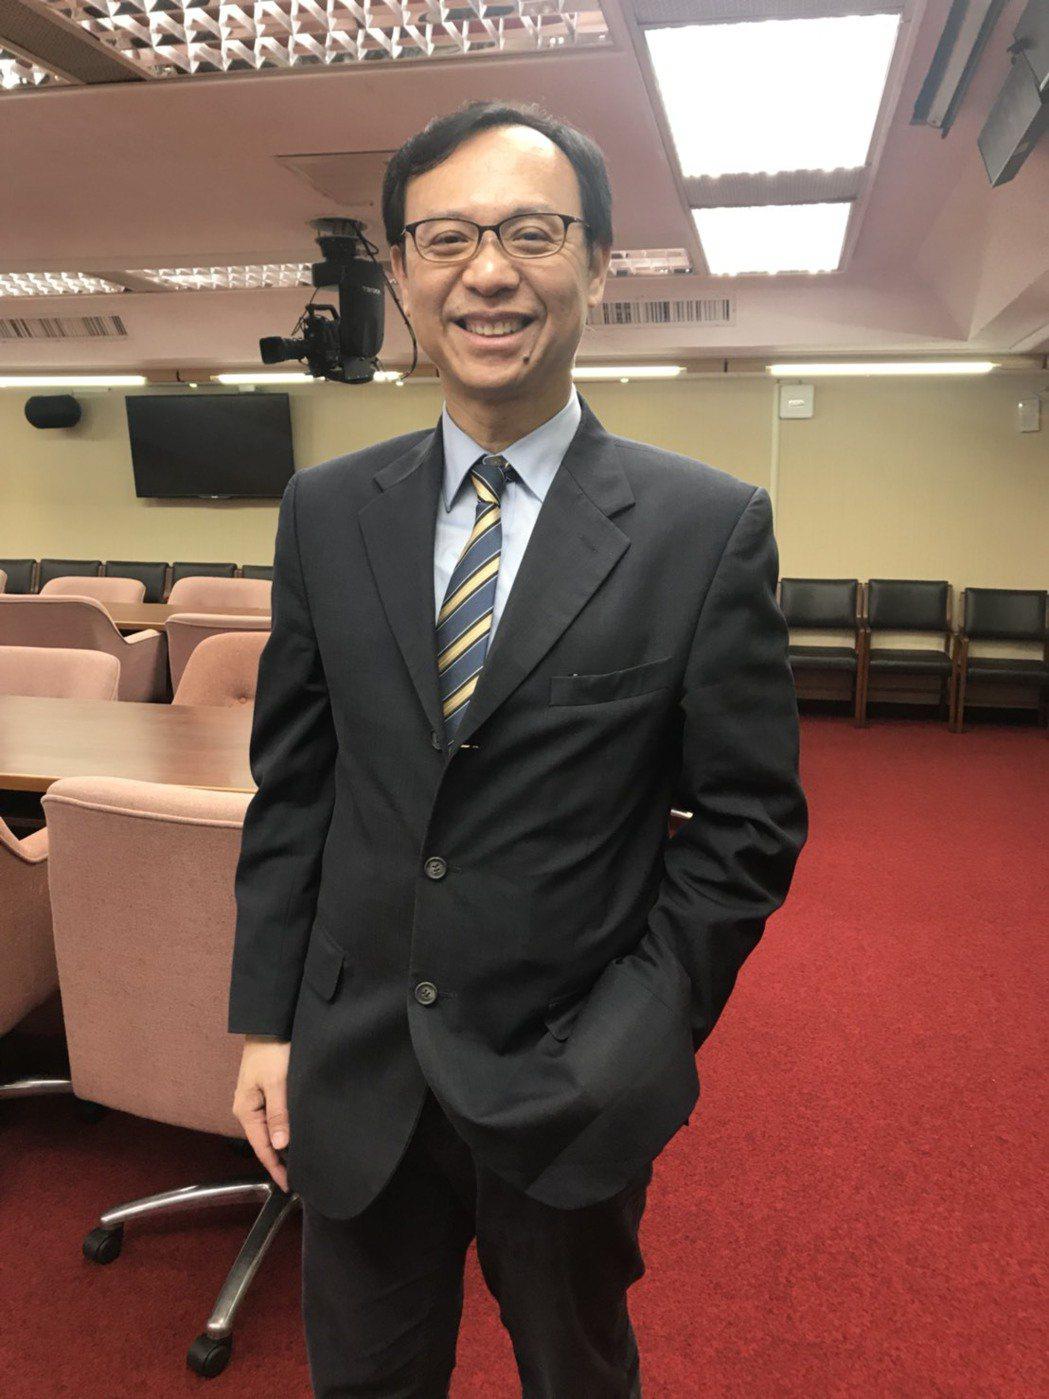 醫事司長石崇良表示,經部內研議後,11月中之前將公告「困難取得兒童用藥調度平台」...